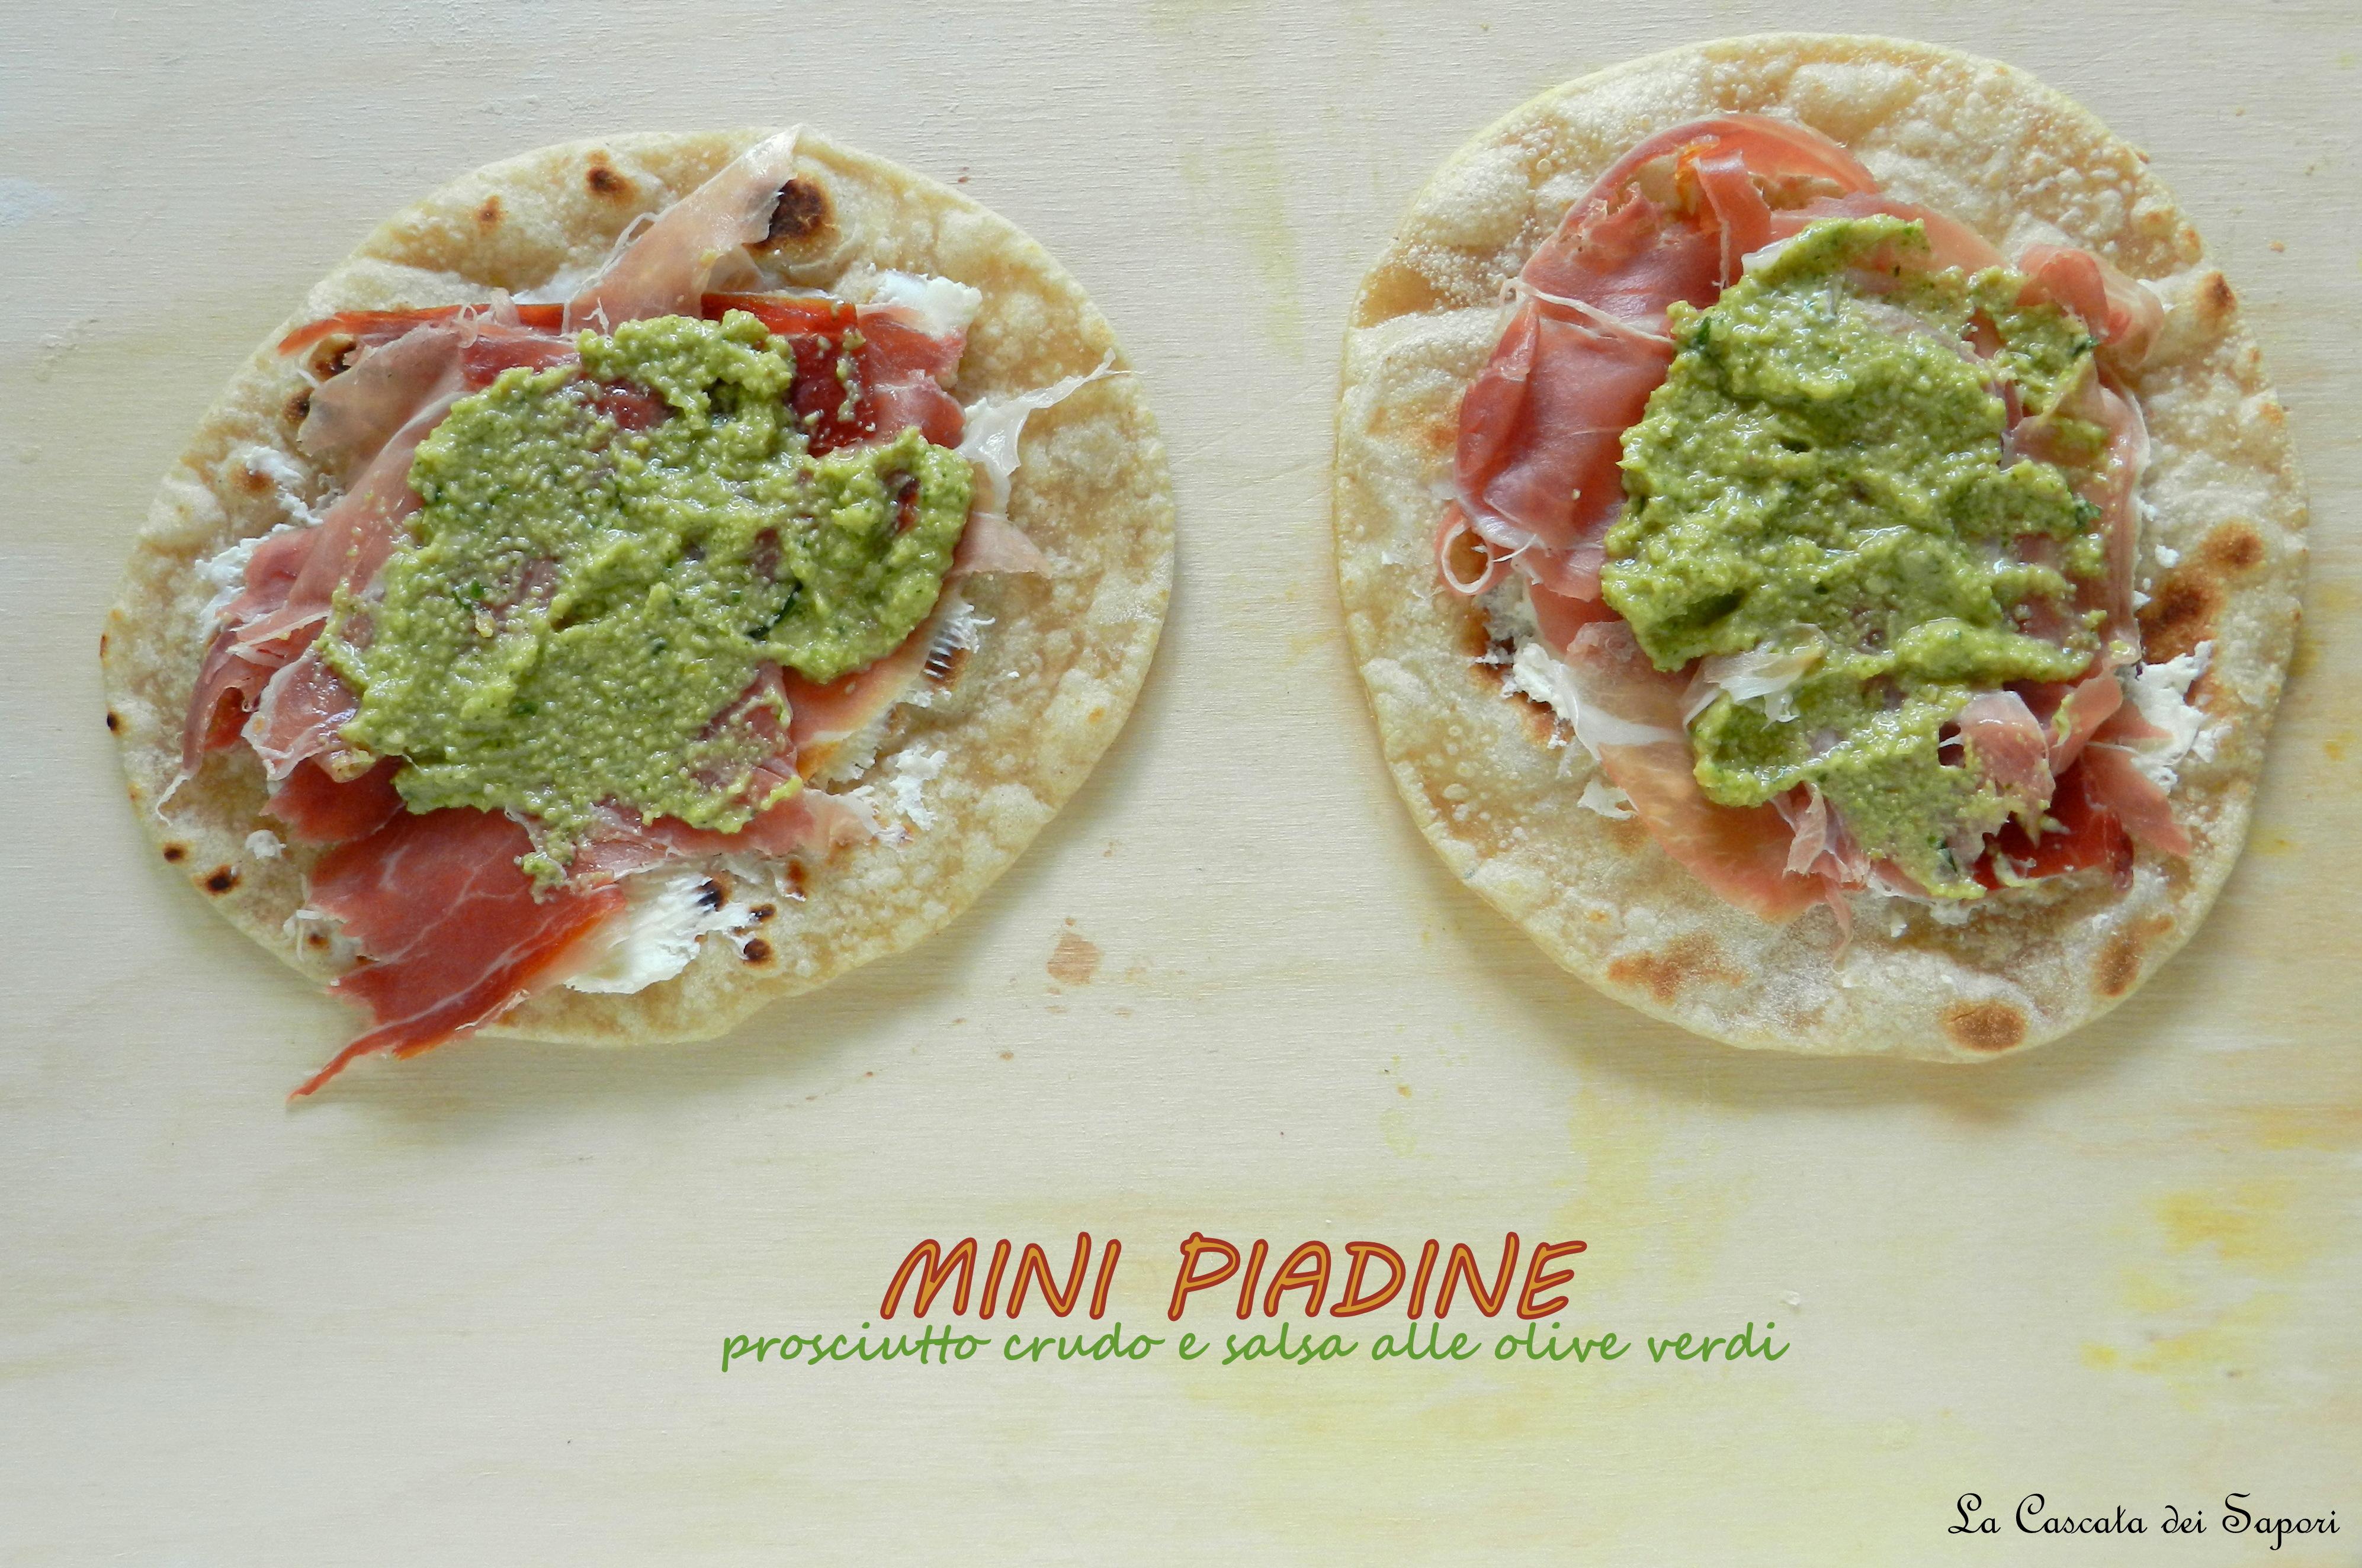 Mini-piadine-prosciutto-crudo-e-salsa-alle-olive-verdi